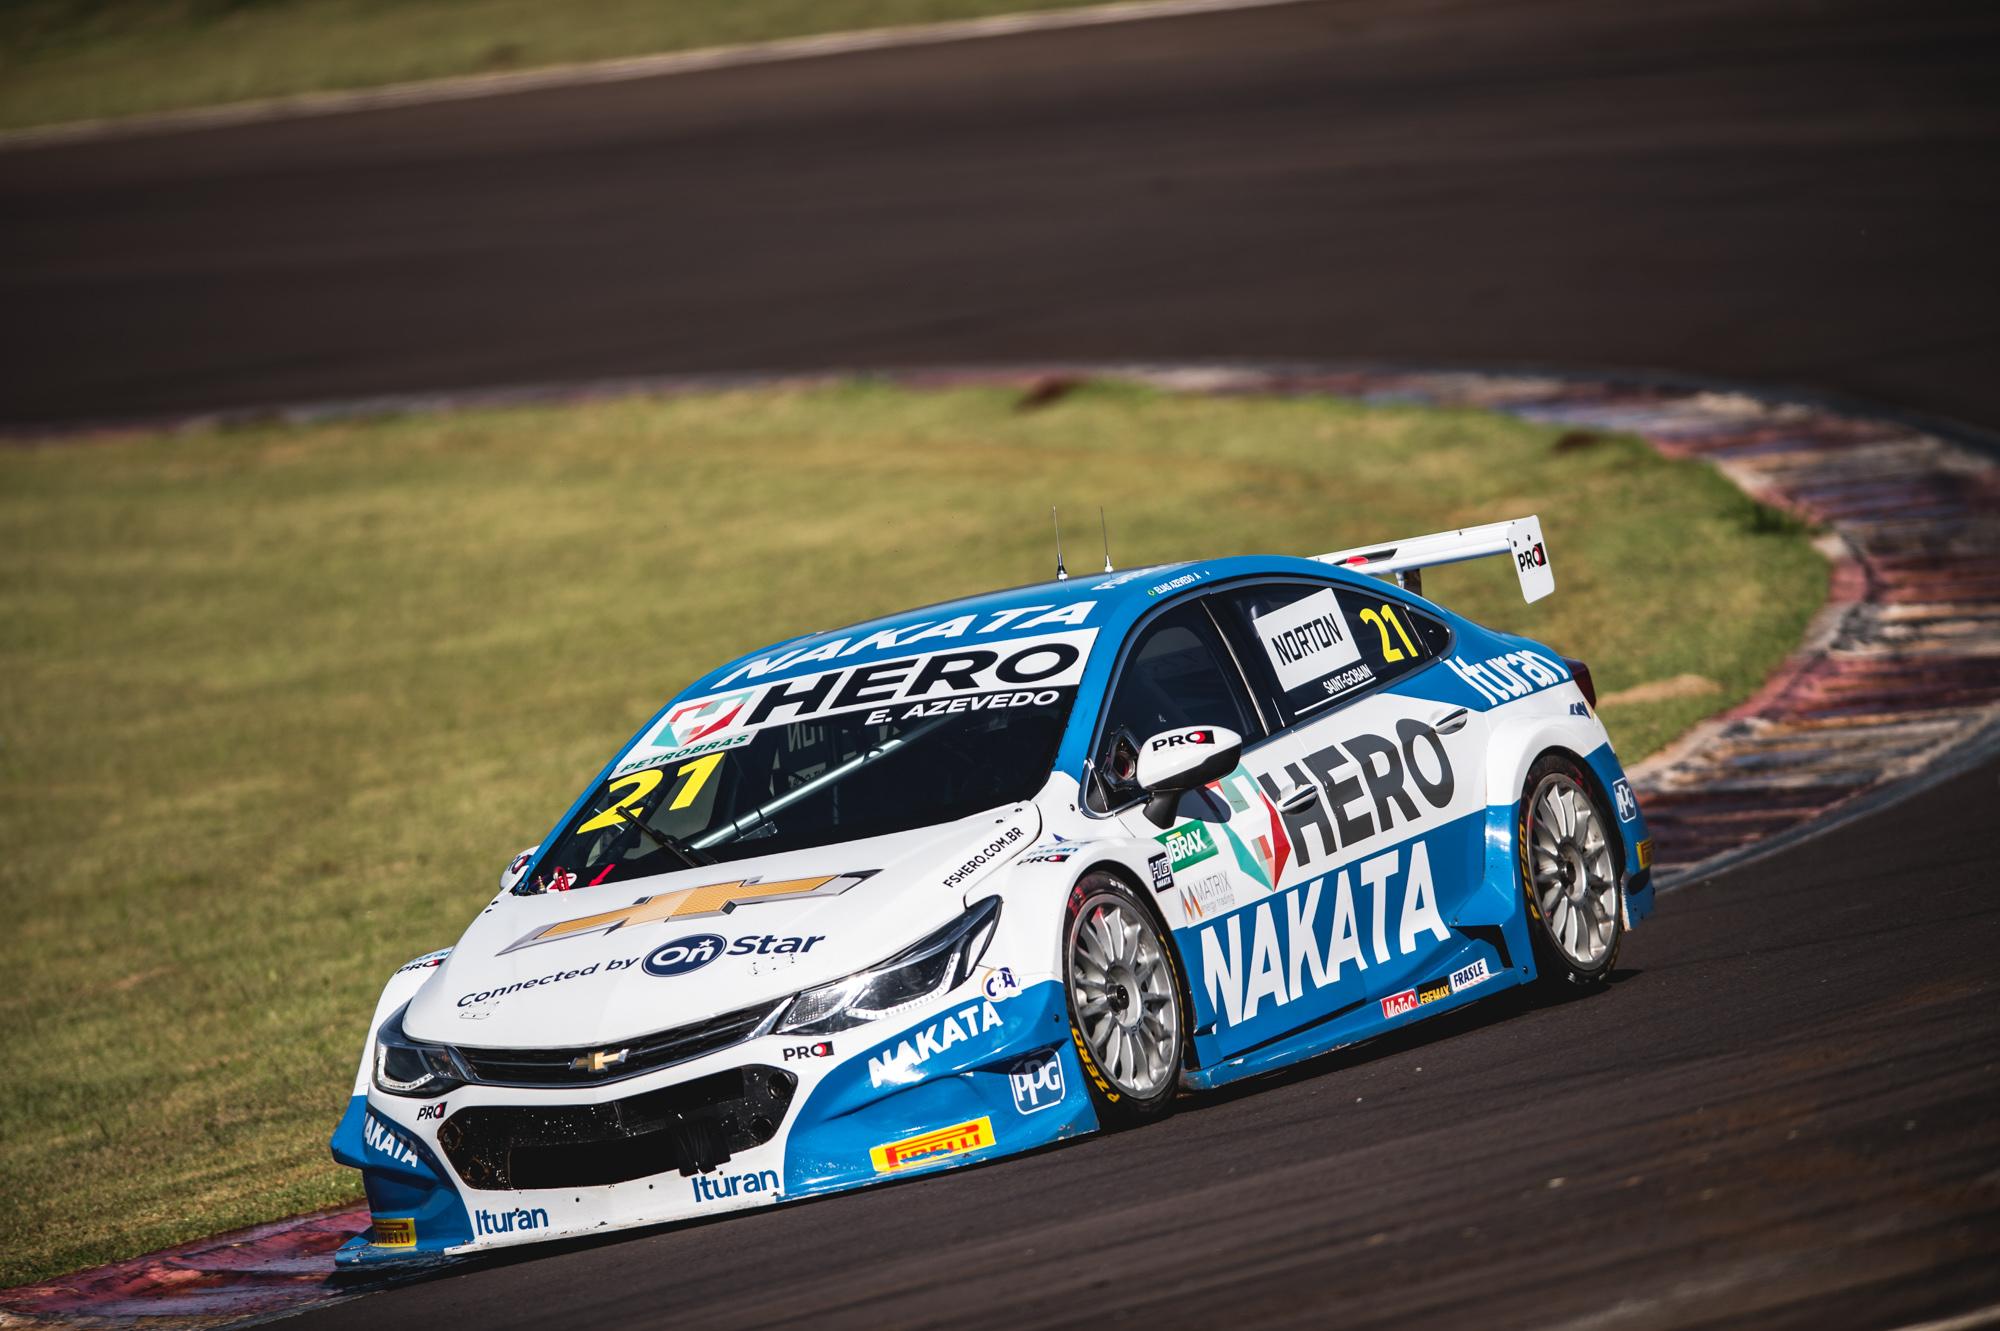 Nonô Figueiredo, patrocinado pela Nakata, lidera o Campeonato Brasileiro de Marcas e busca vitória para garantir o título da temperada 2017